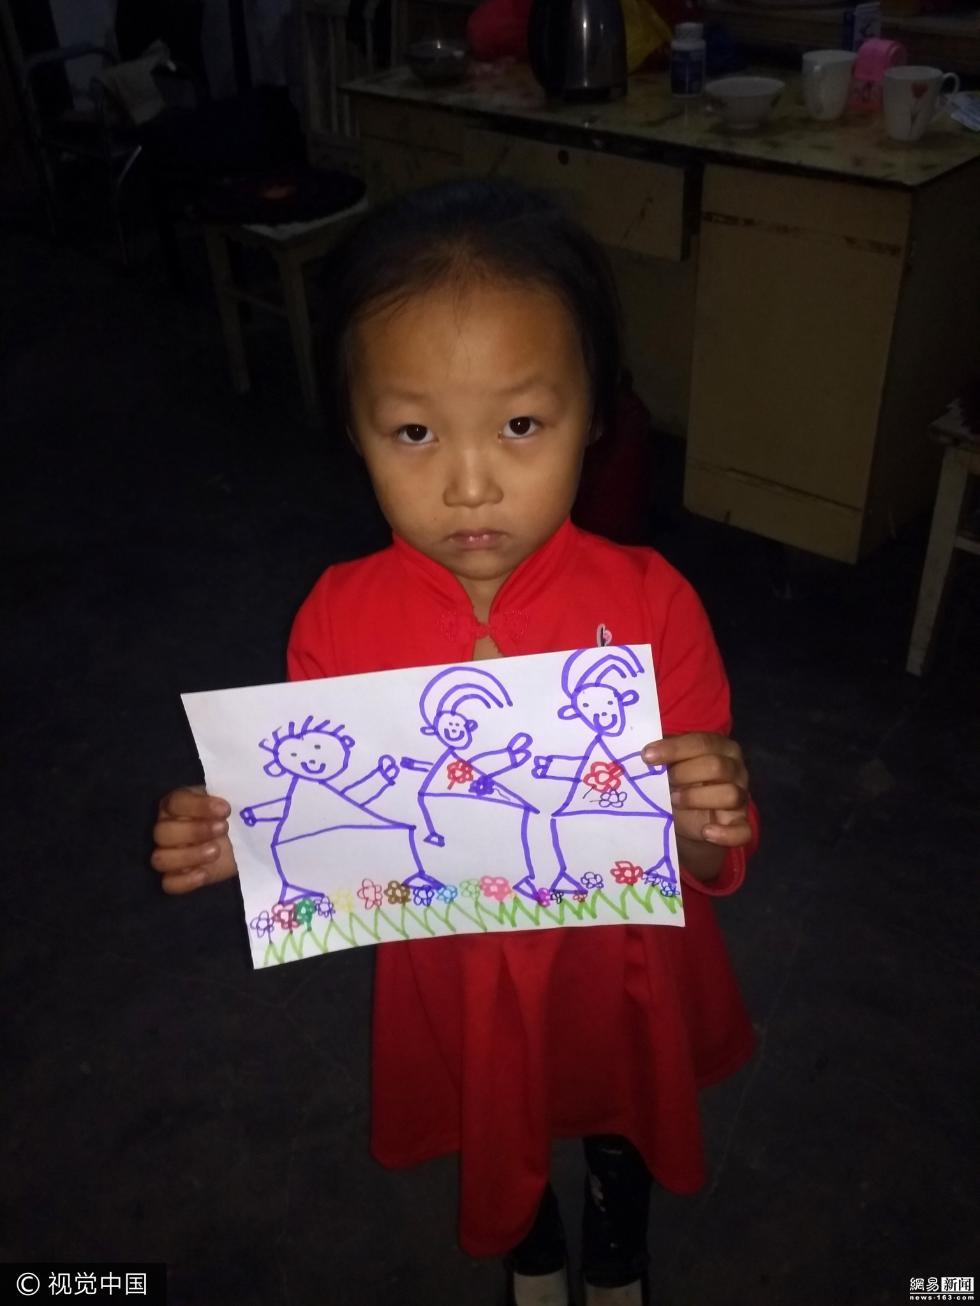 石家庄5岁女孩村口卖画救父 一天筹款70元